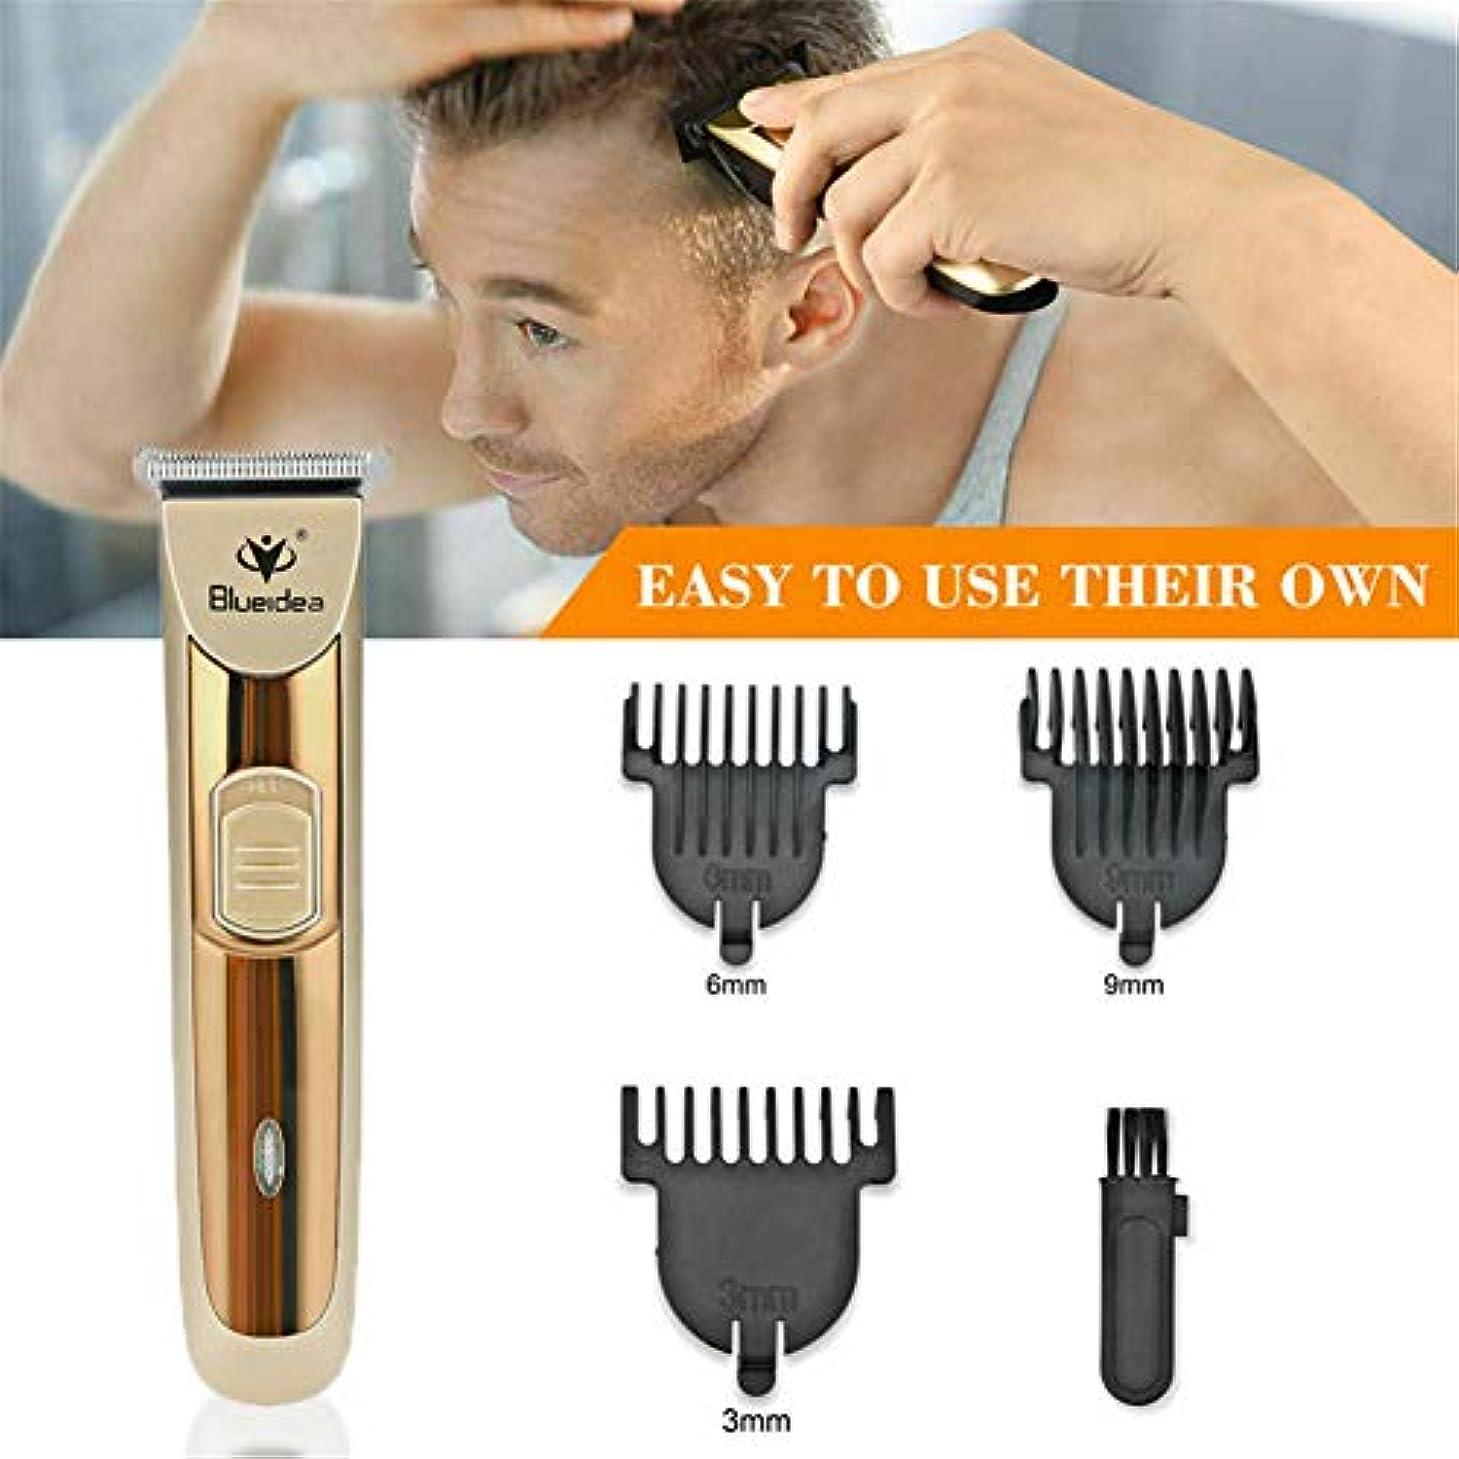 オープナーこしょう掃くヘアクリッパー男性用電気トリマーひげ電気カッターヘアカットマシンヘアカットコードレスコード付き